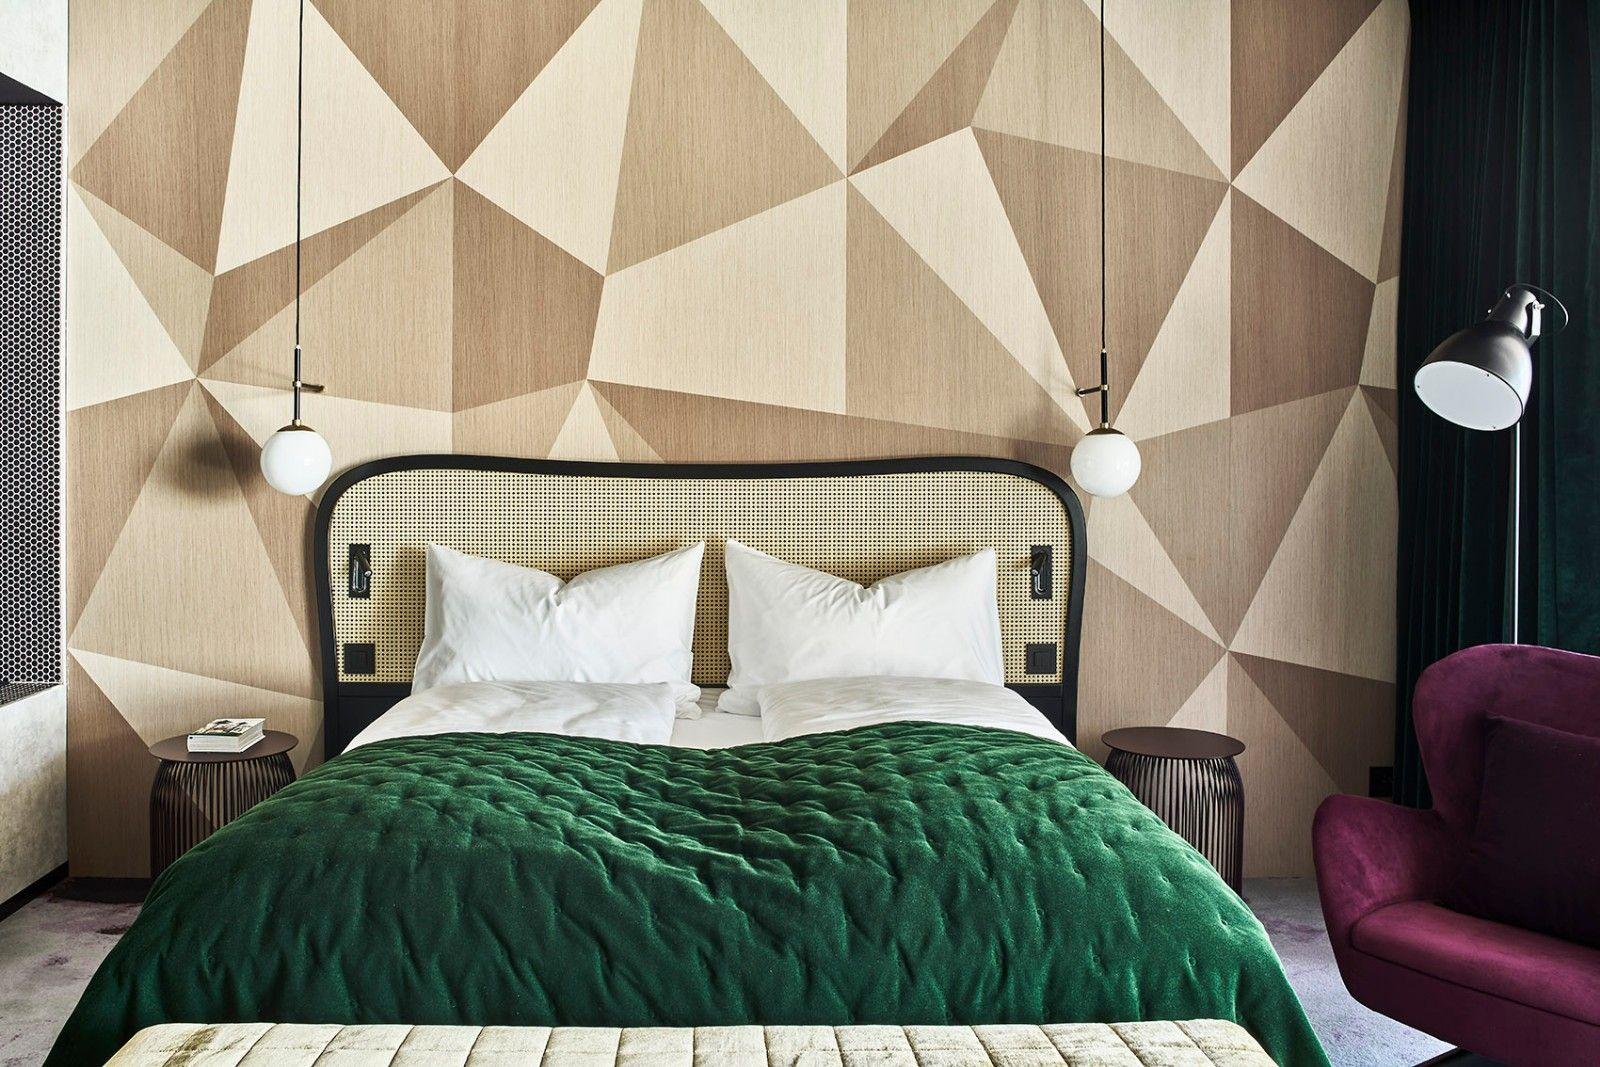 弗林姆斯The Hide酒店室内设计,瑞士 / Stylt Trampoli